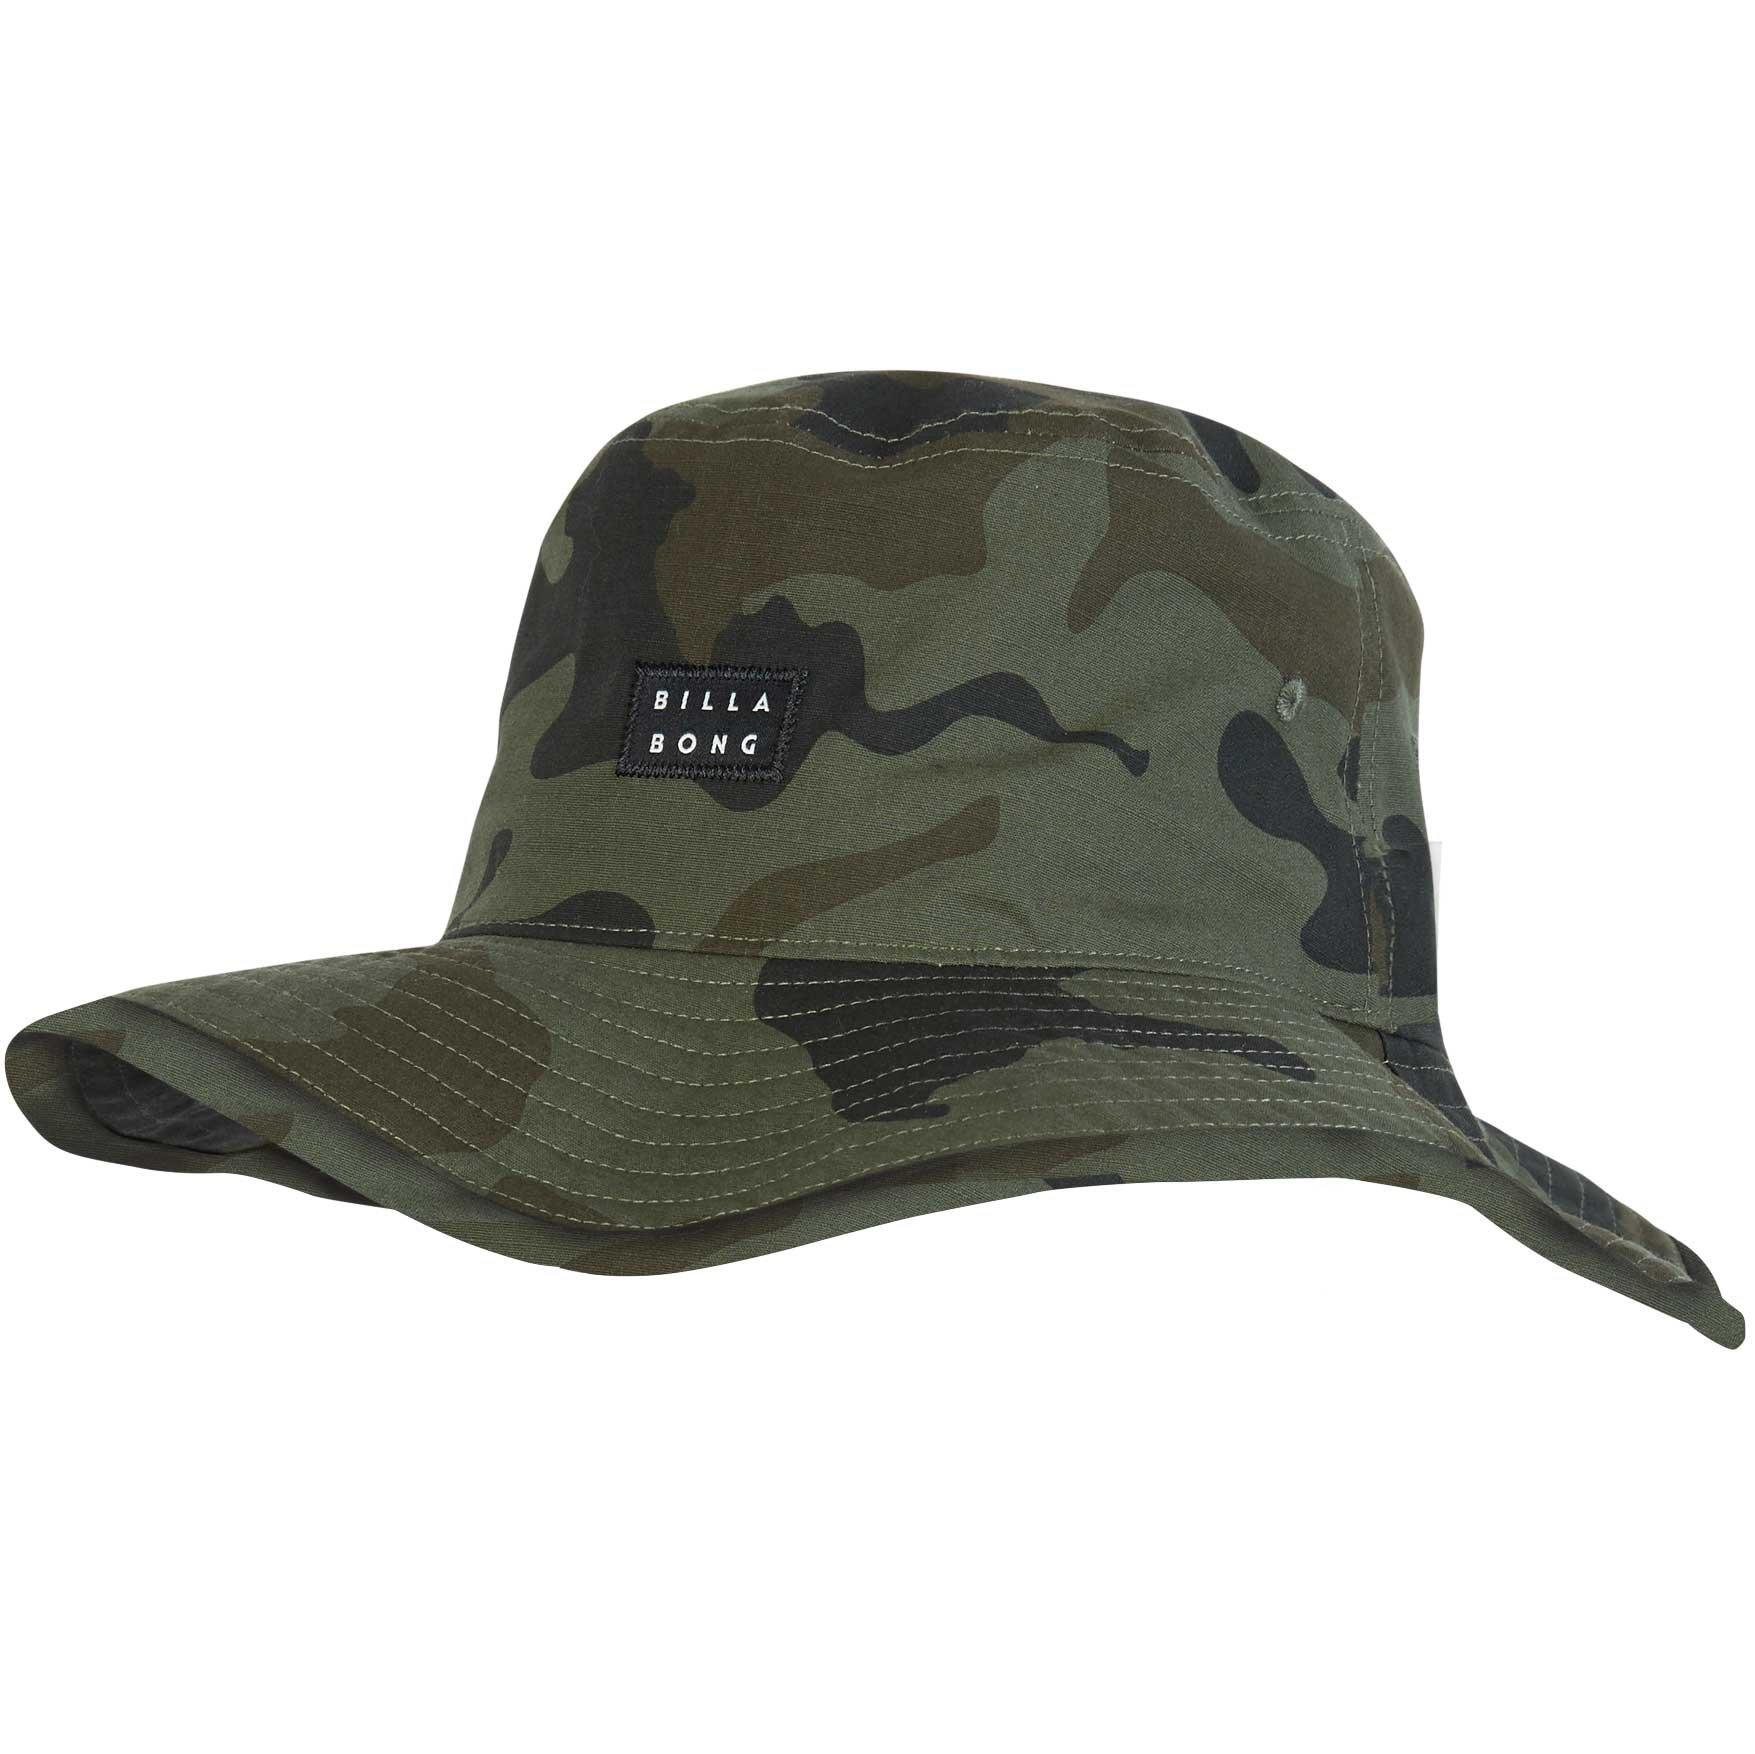 Billabong Men's Big John Texture Hat, Camo, ONE